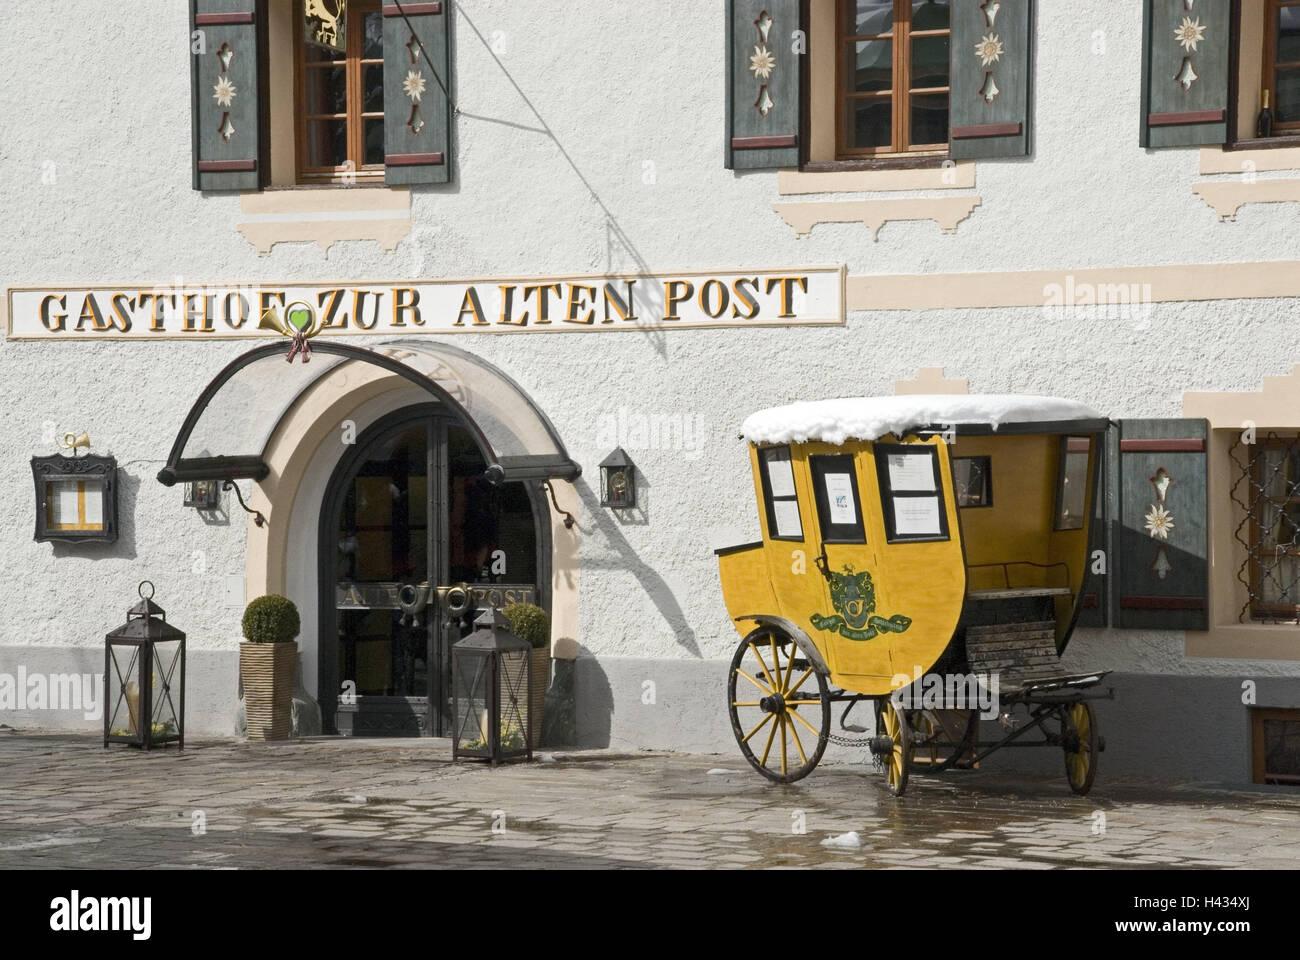 österreich Steiermark Schladming Gasthof Zur Alten Post Post